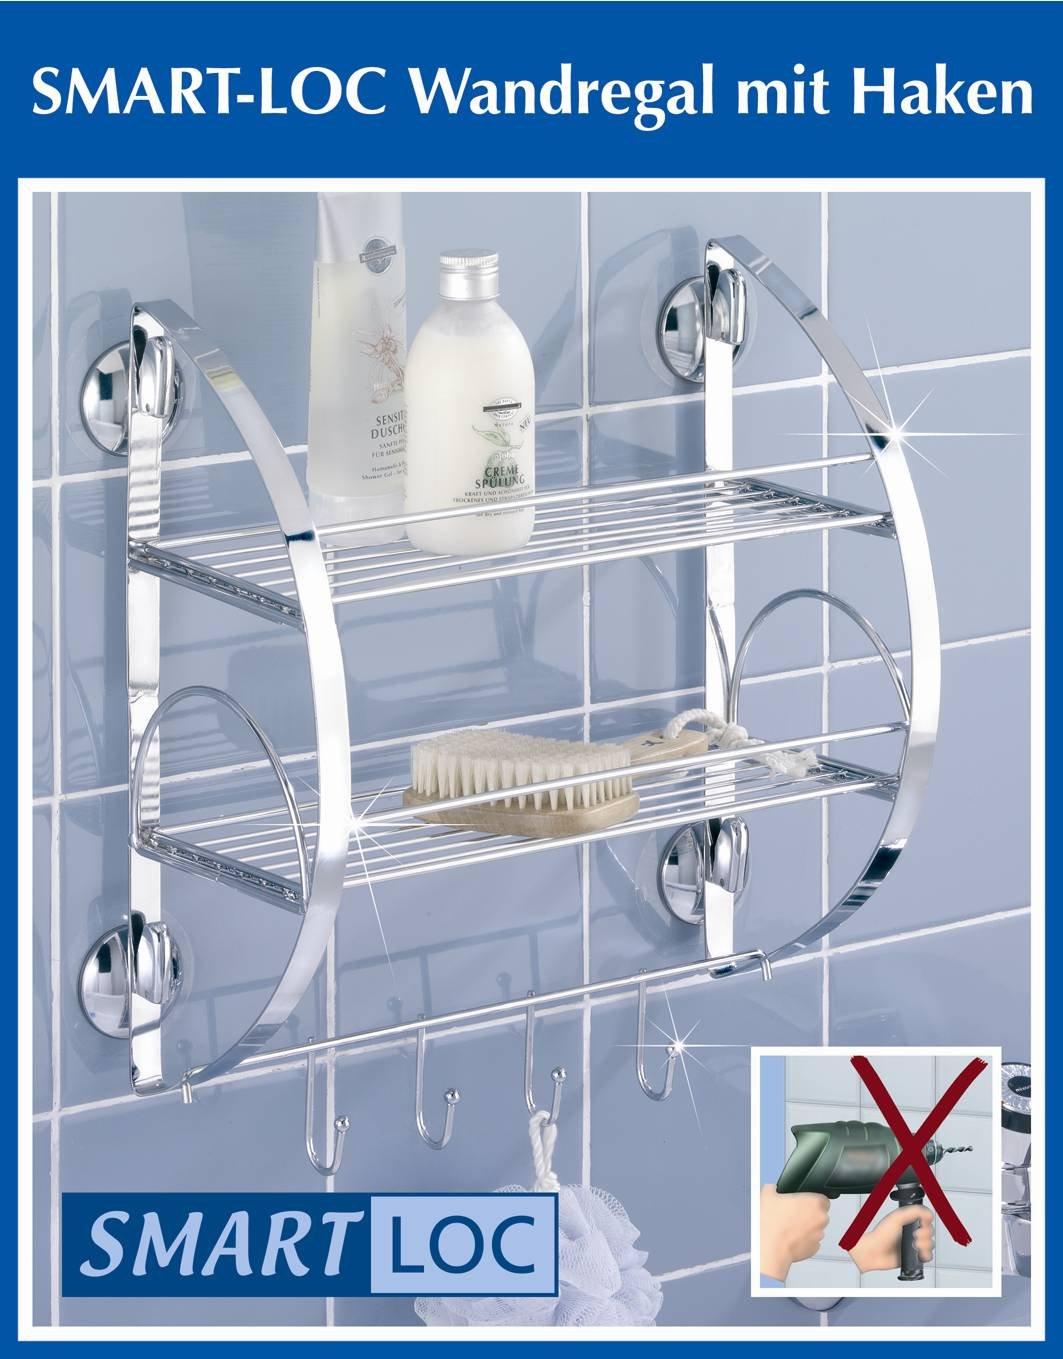 badezimmer accessoires ohne bohren badezimmer accessoires ohne bohren wenko vacuumloc haken er. Black Bedroom Furniture Sets. Home Design Ideas